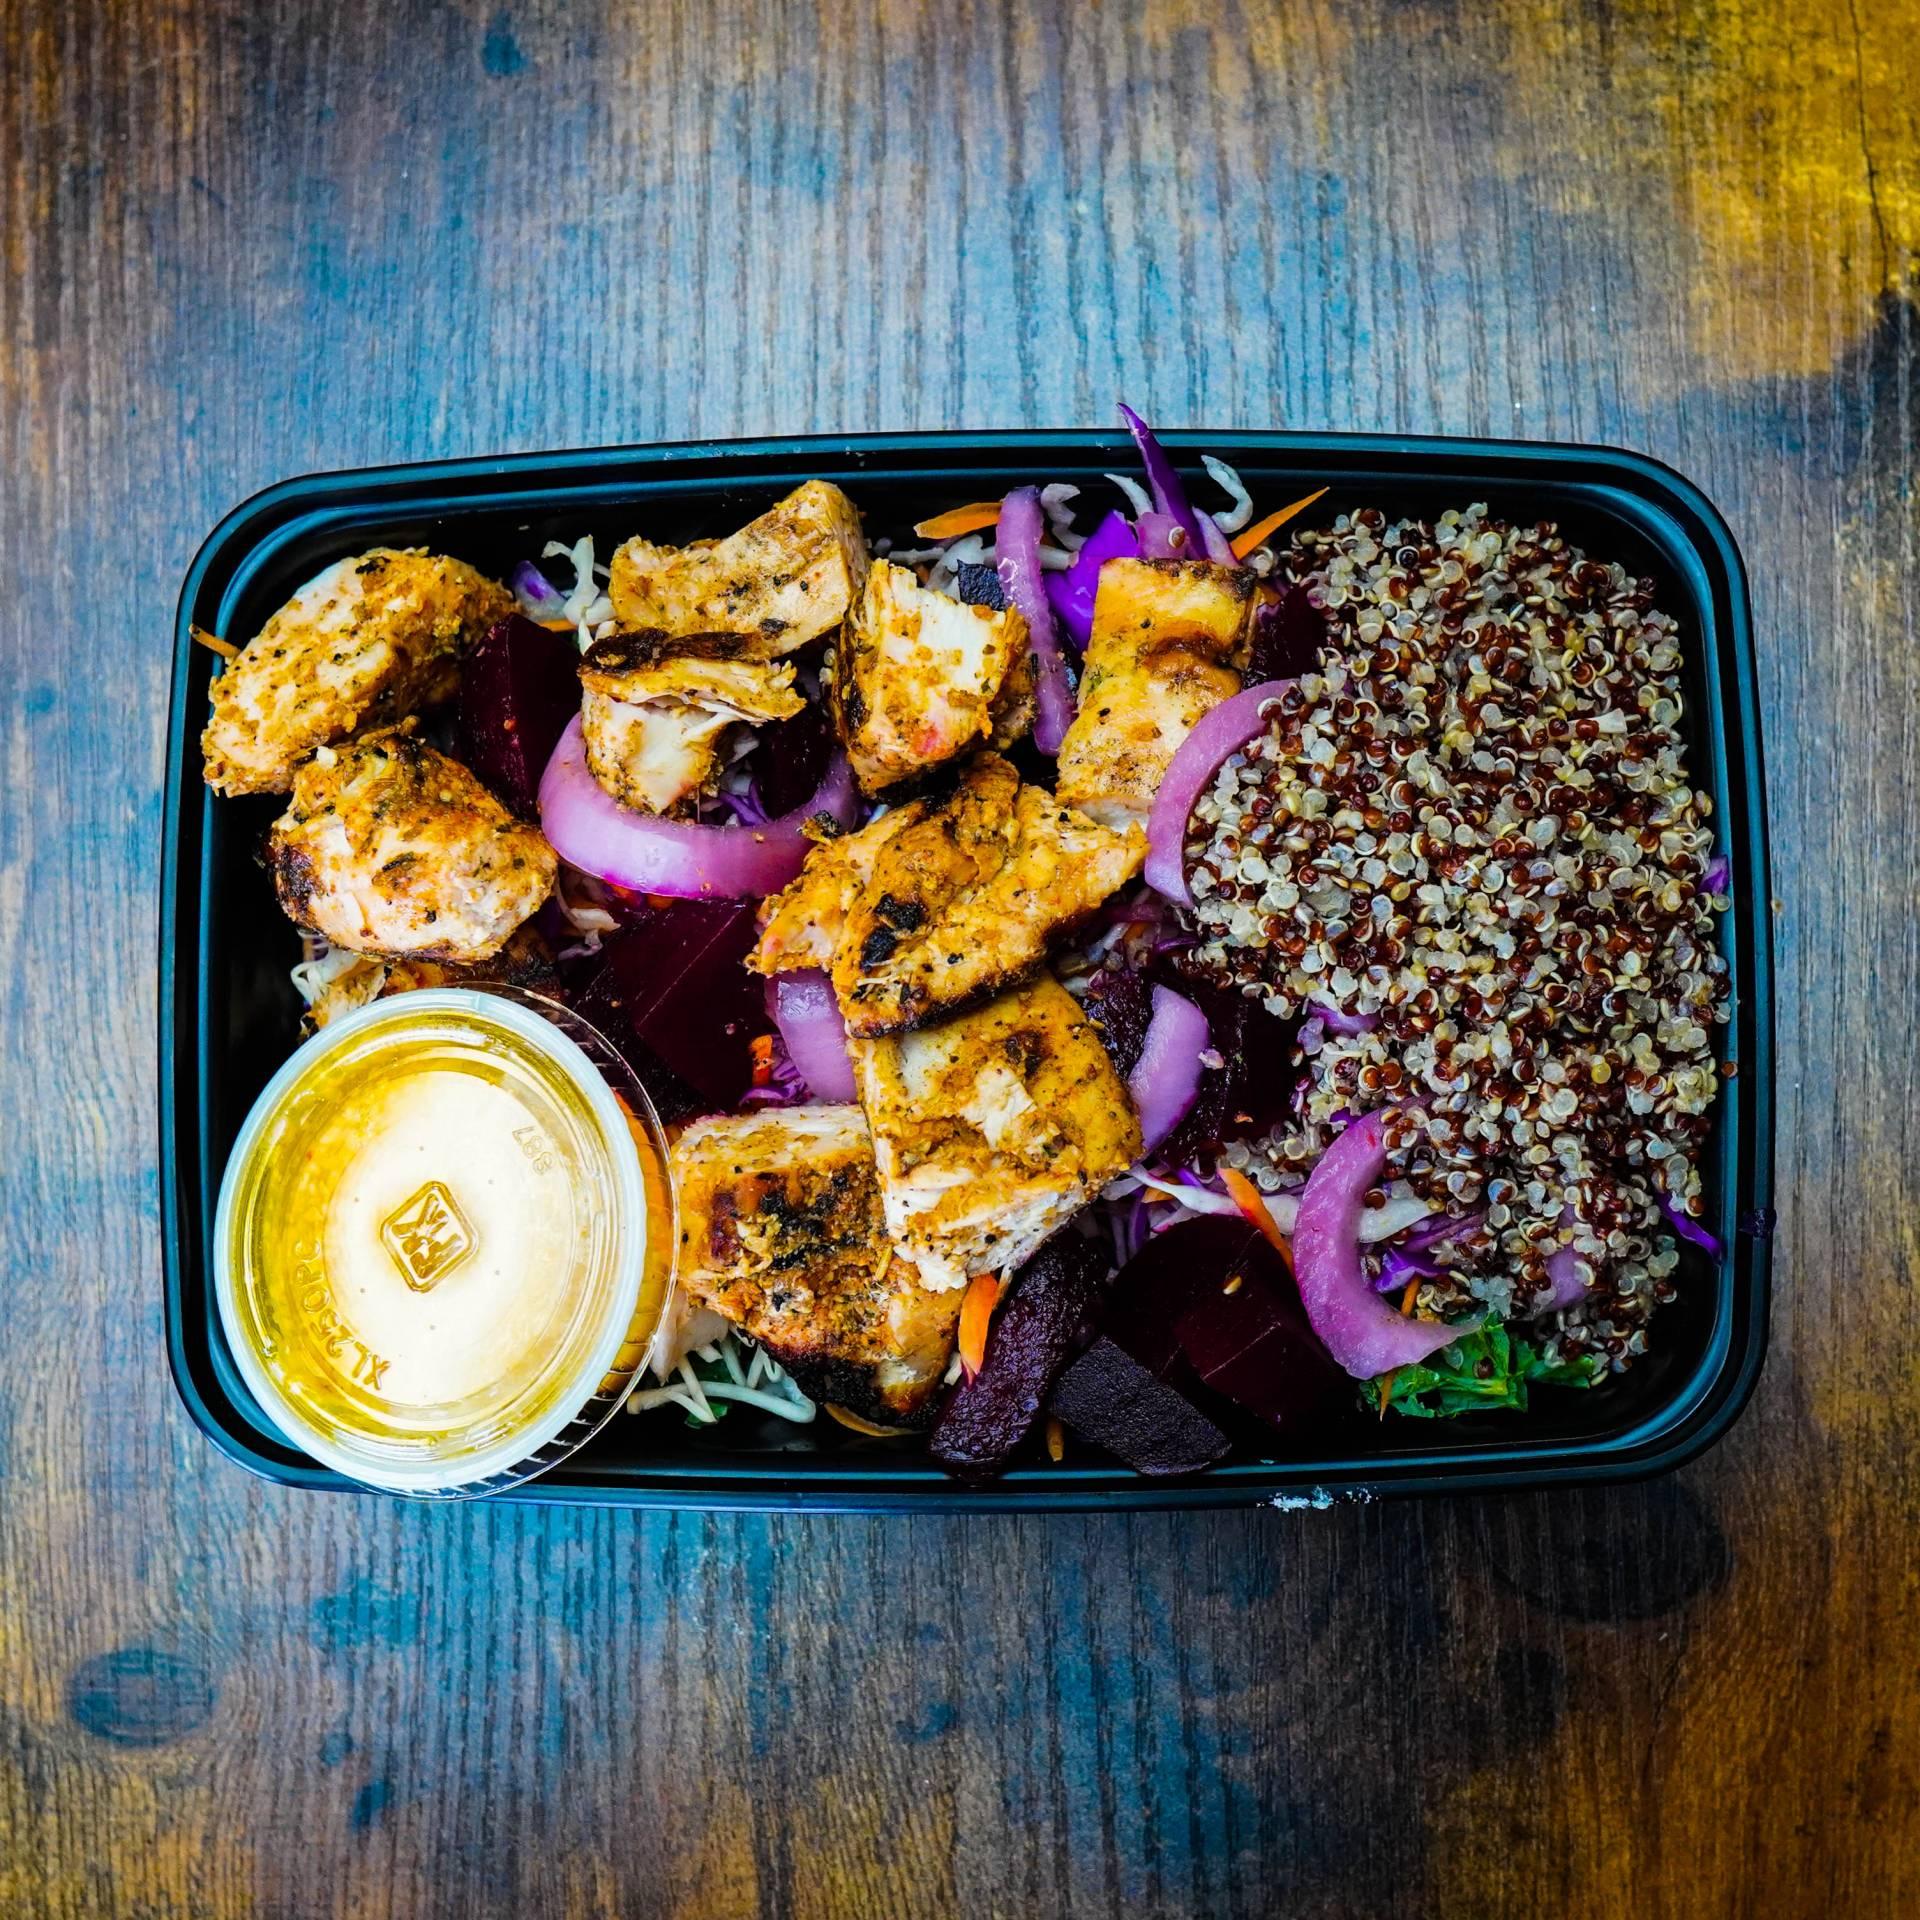 Veggie Power Bowl with Chicken